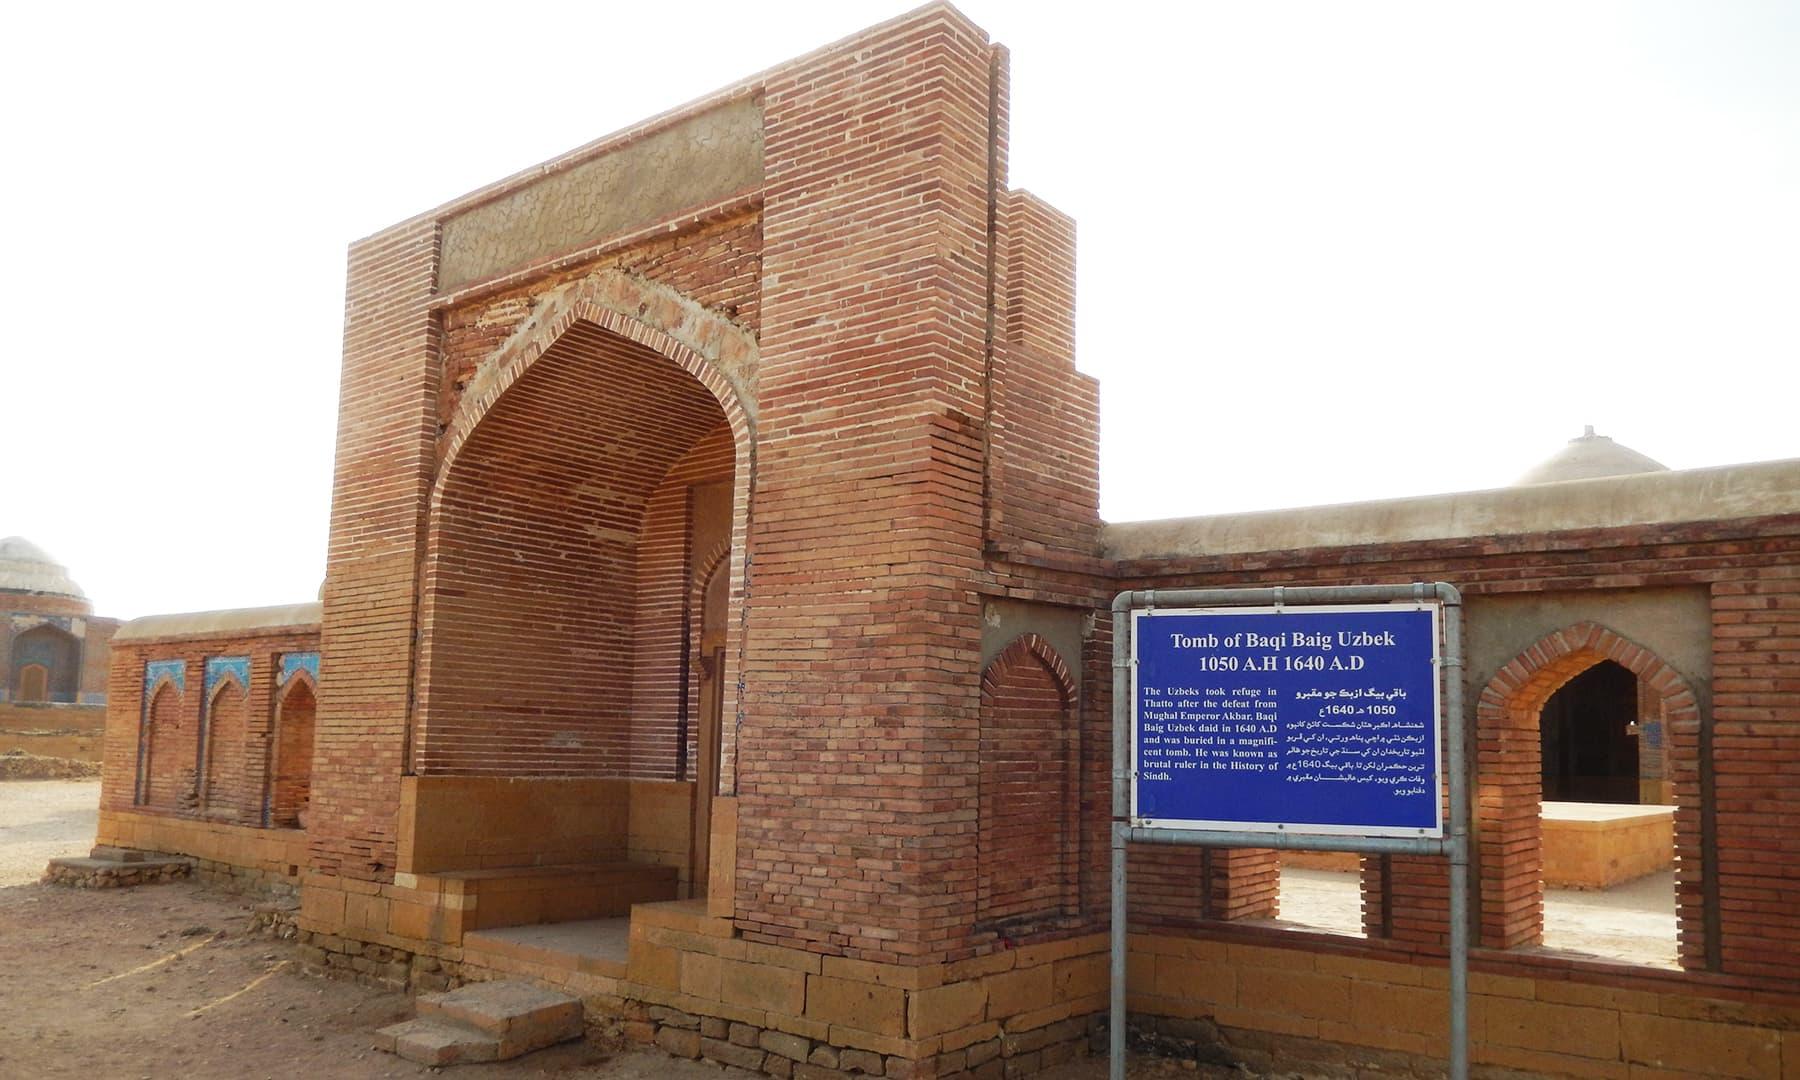 مرزا باقی کے مقبرے کے باہر نصب بورڈ جس پر وفات کی تاریخ غلط لکھی ہے—تصویر ابوبکر شیخ